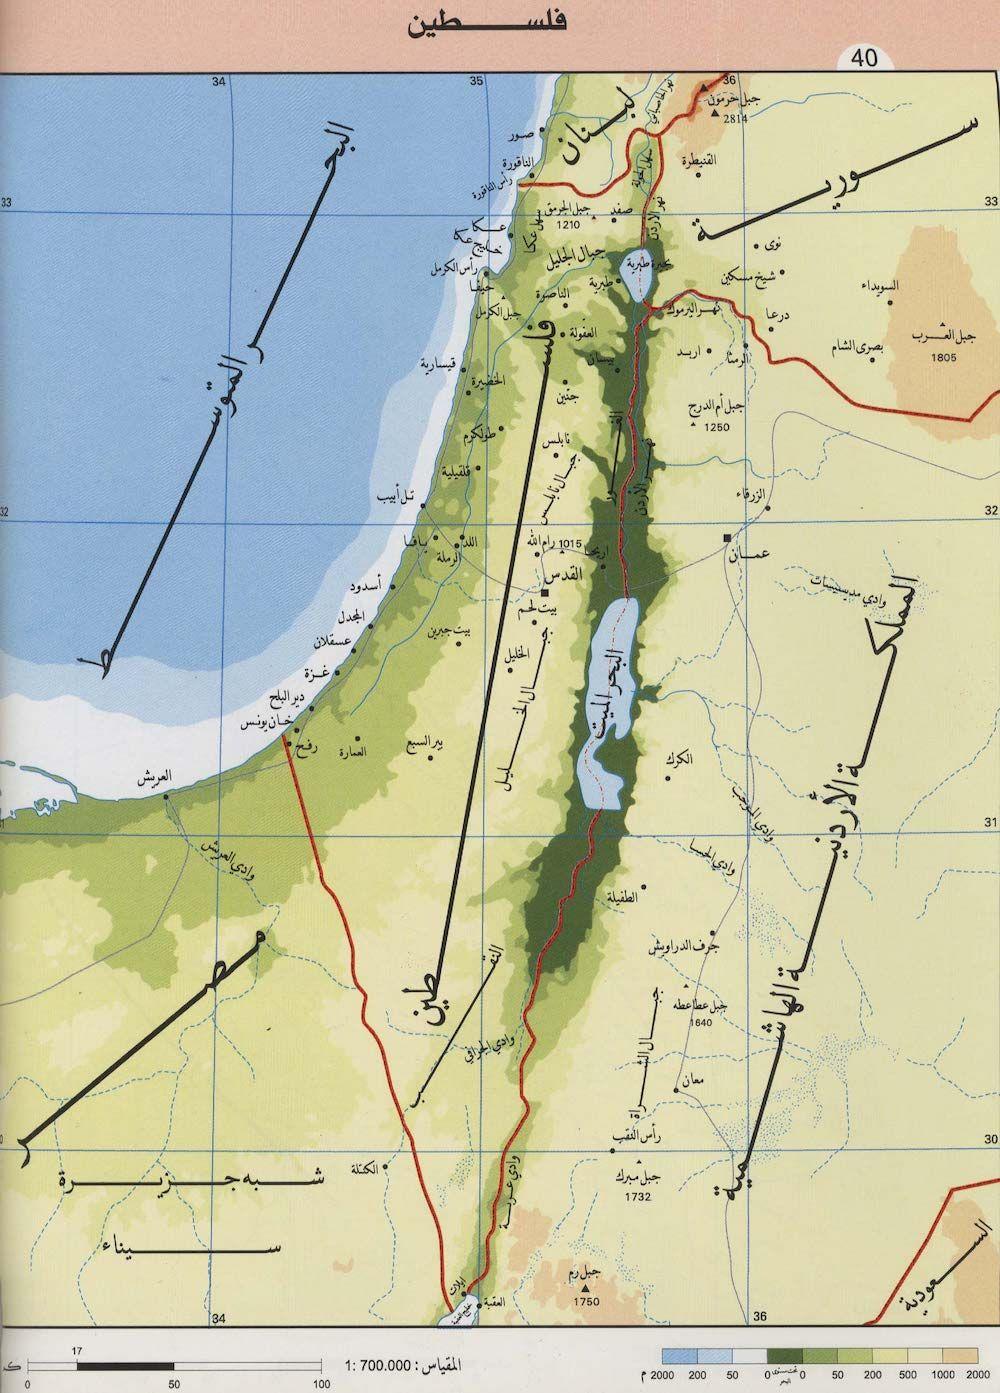 Fonte: I.H. El-Ghoury, «Palestina», da Atlante del mondo. 6a edizione, Editore Casa degli Arabi, Aleppo, 2009, p.40.